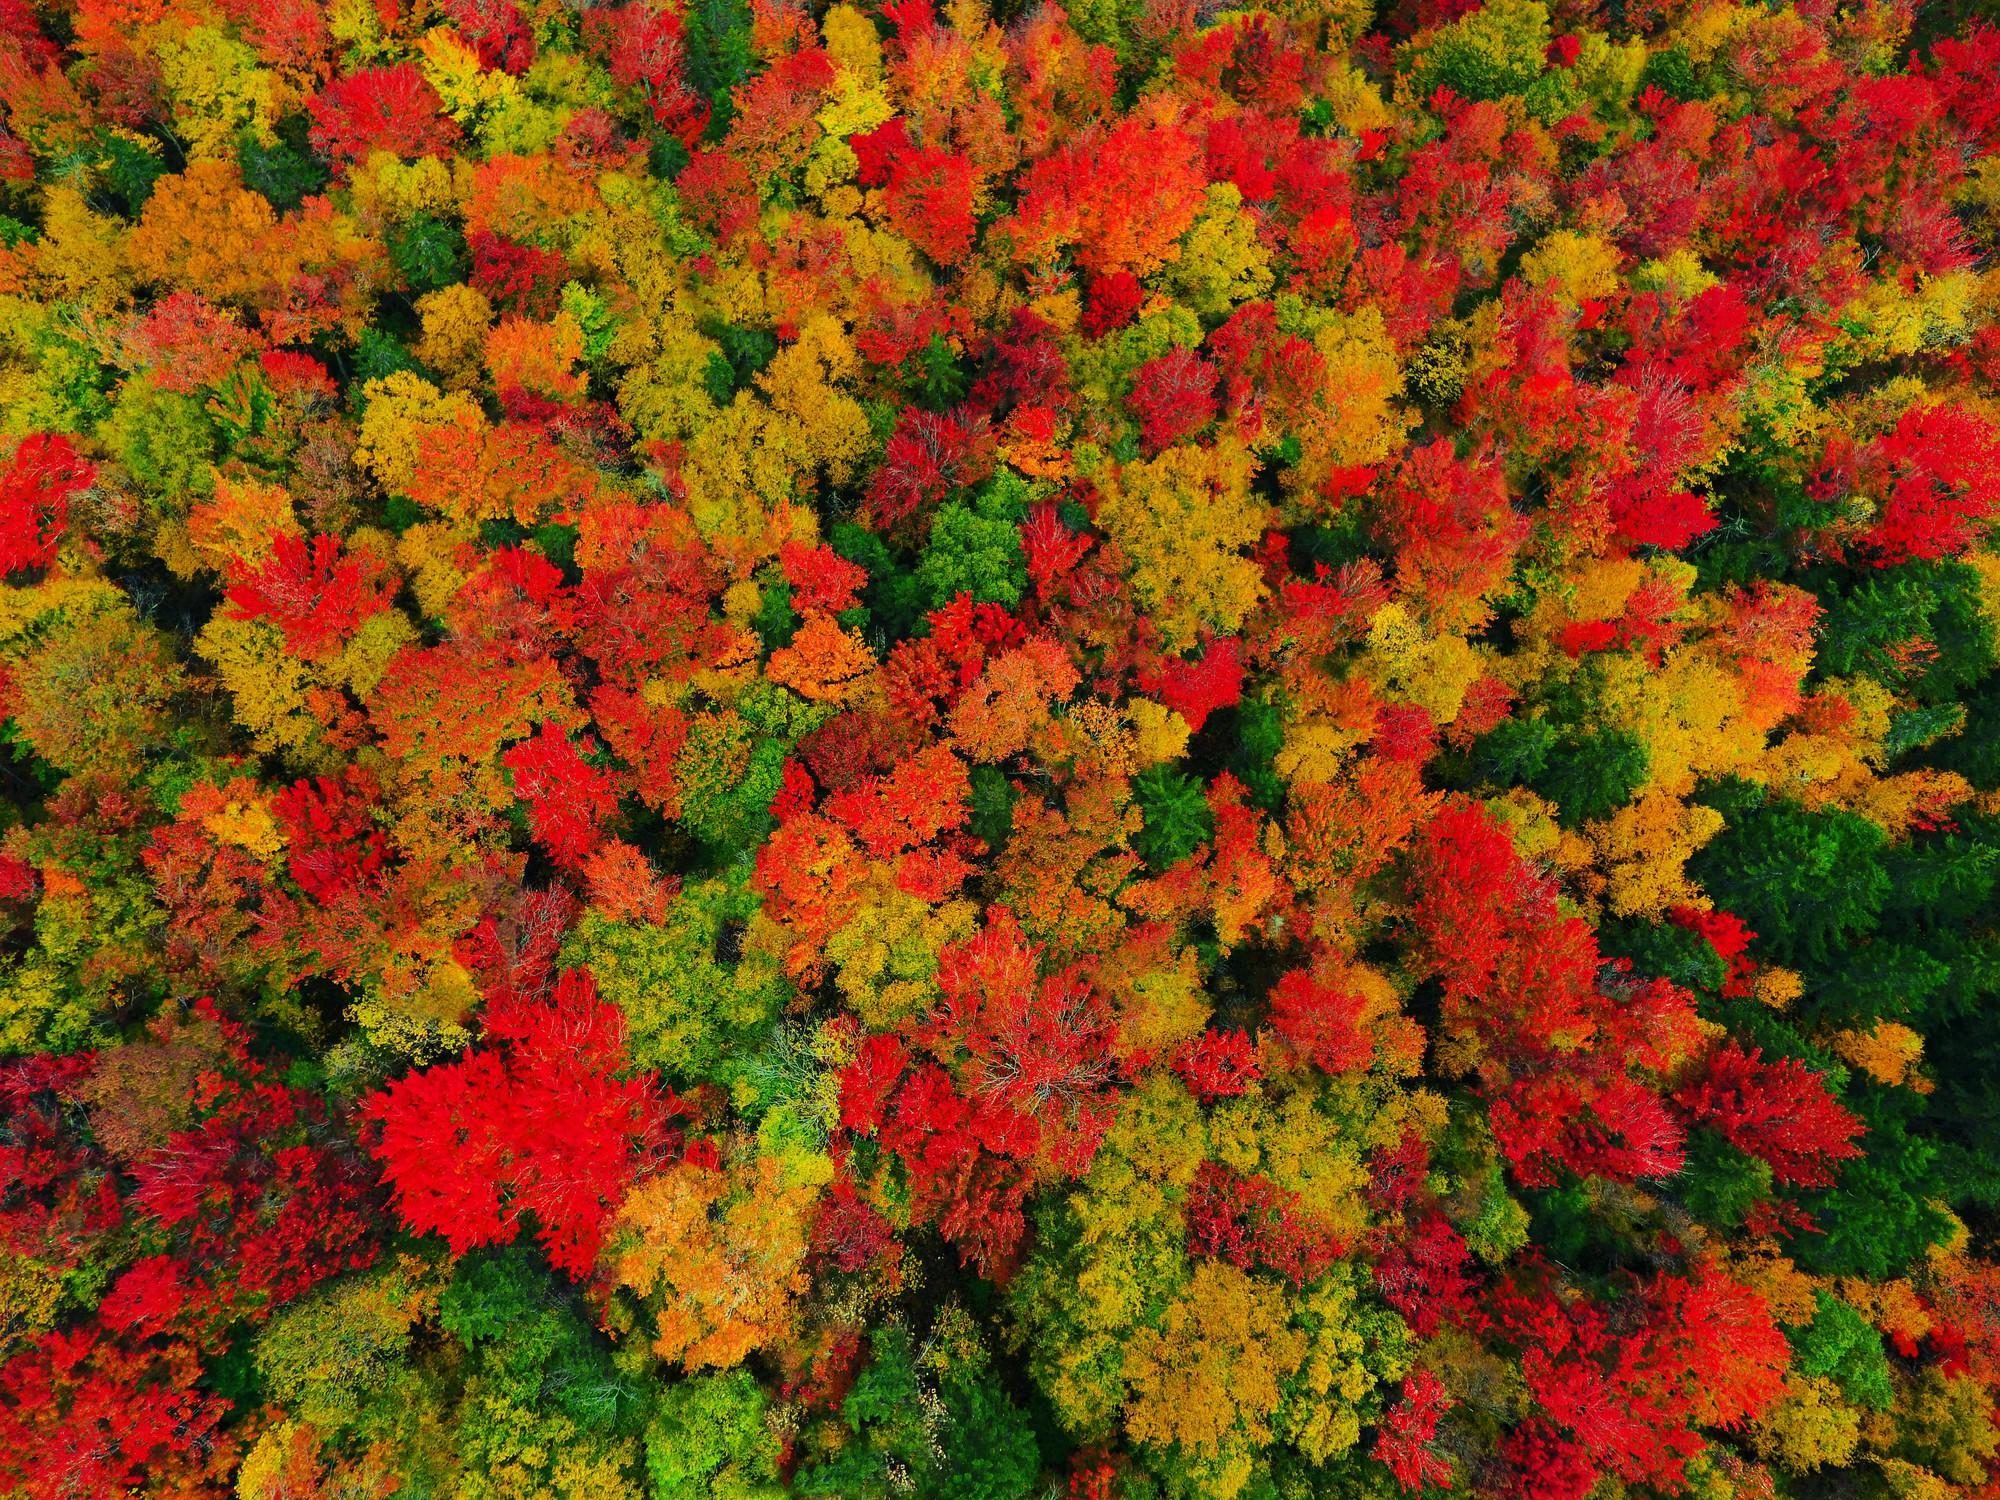 Ngắm phong cảnh đẹp đến ngoạn mục của những khu rừng vào mùa thu - Ảnh 7.